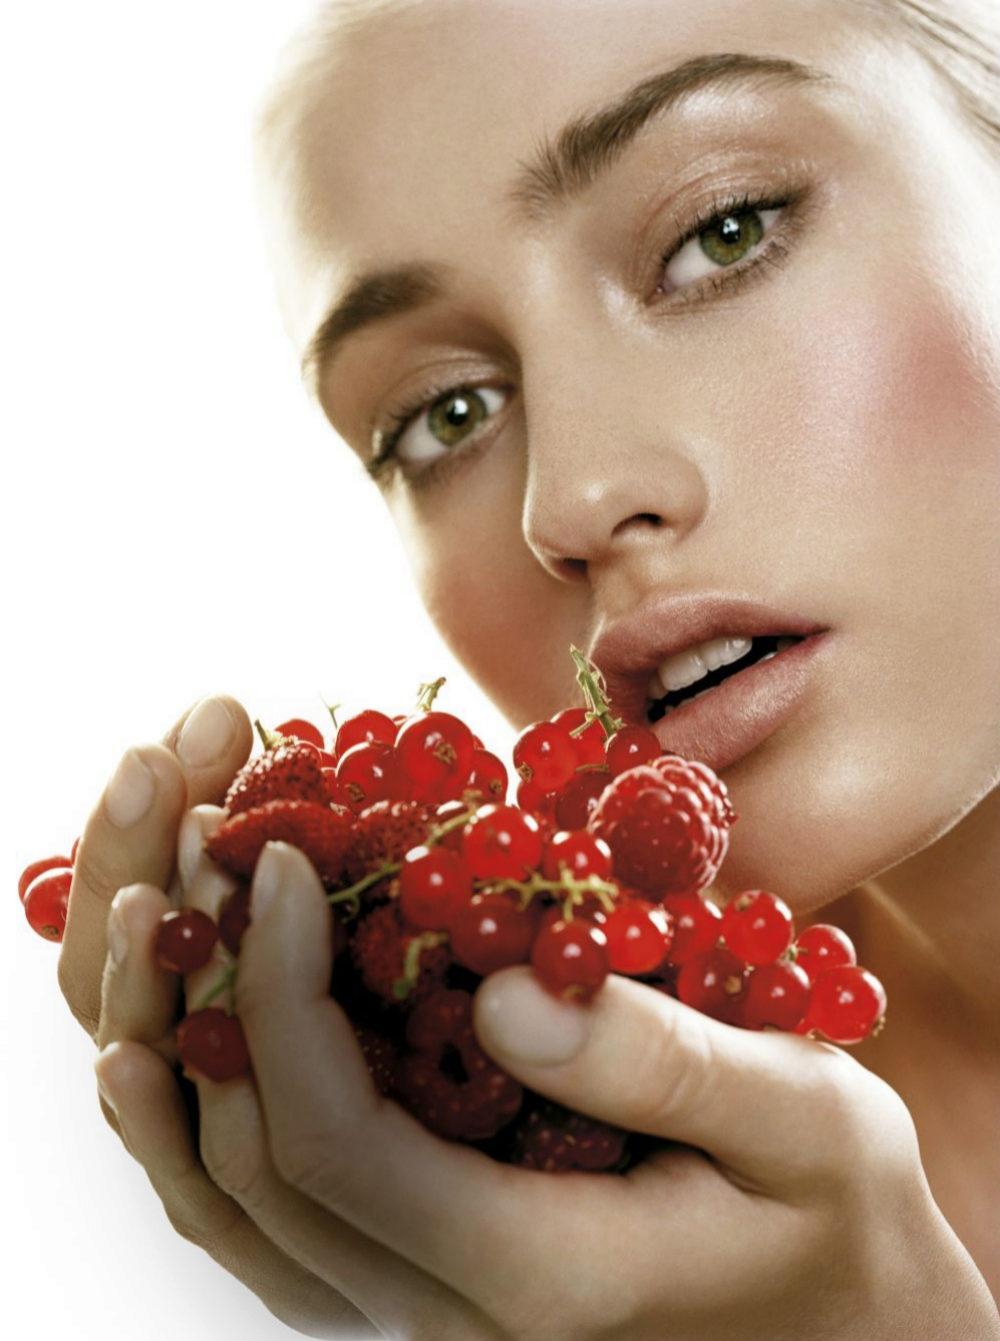 La dieta mediterránea ayuda a mantener sano el cerebro.